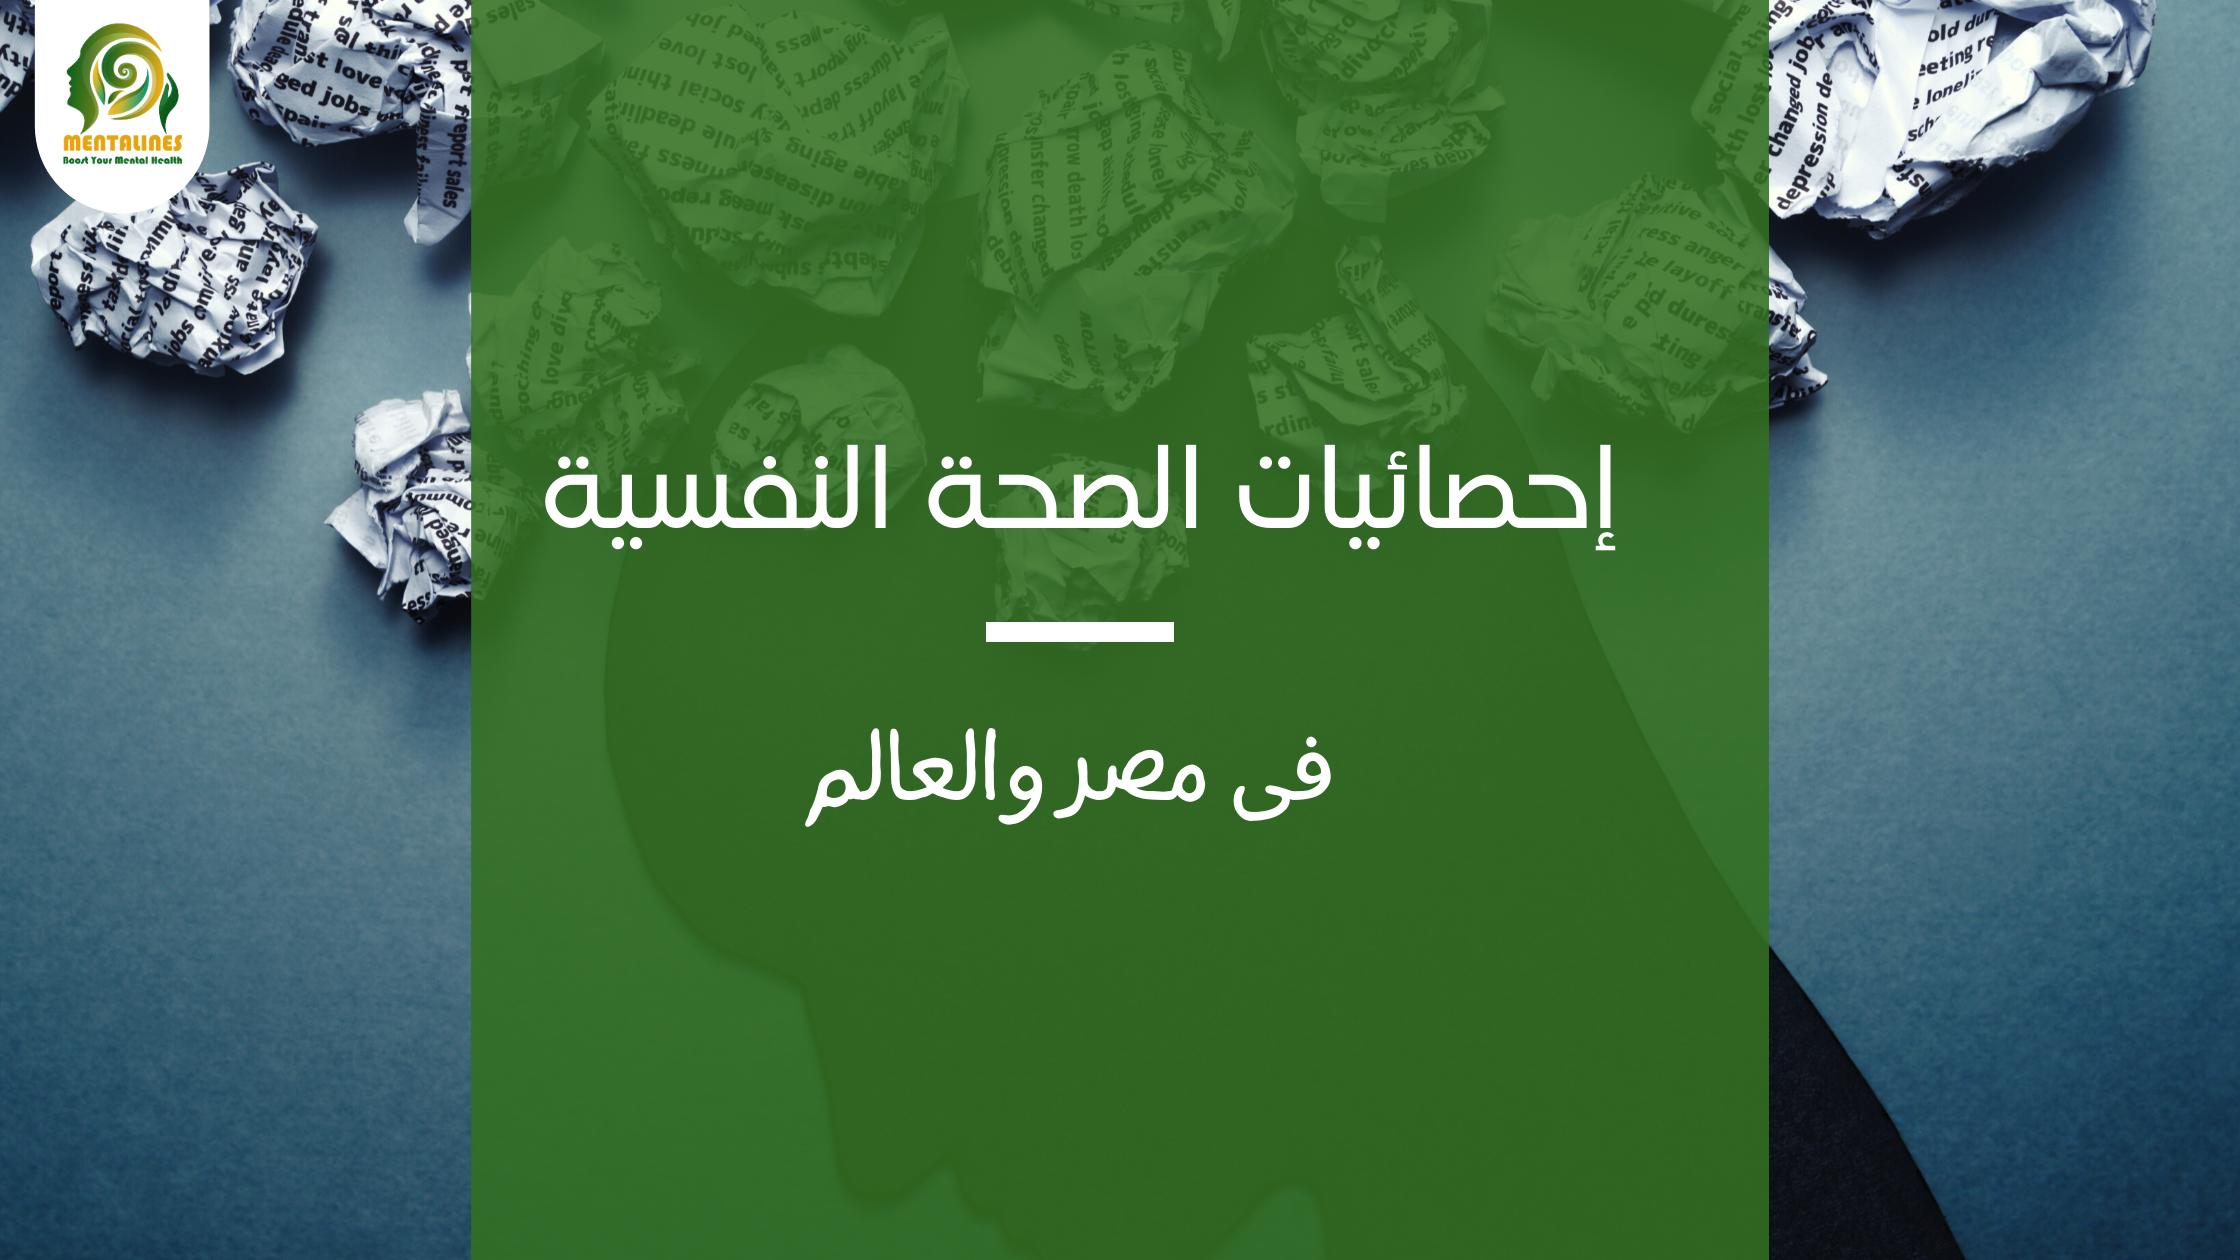 إحصائيات الصحة النفسية فى مصر والعالم